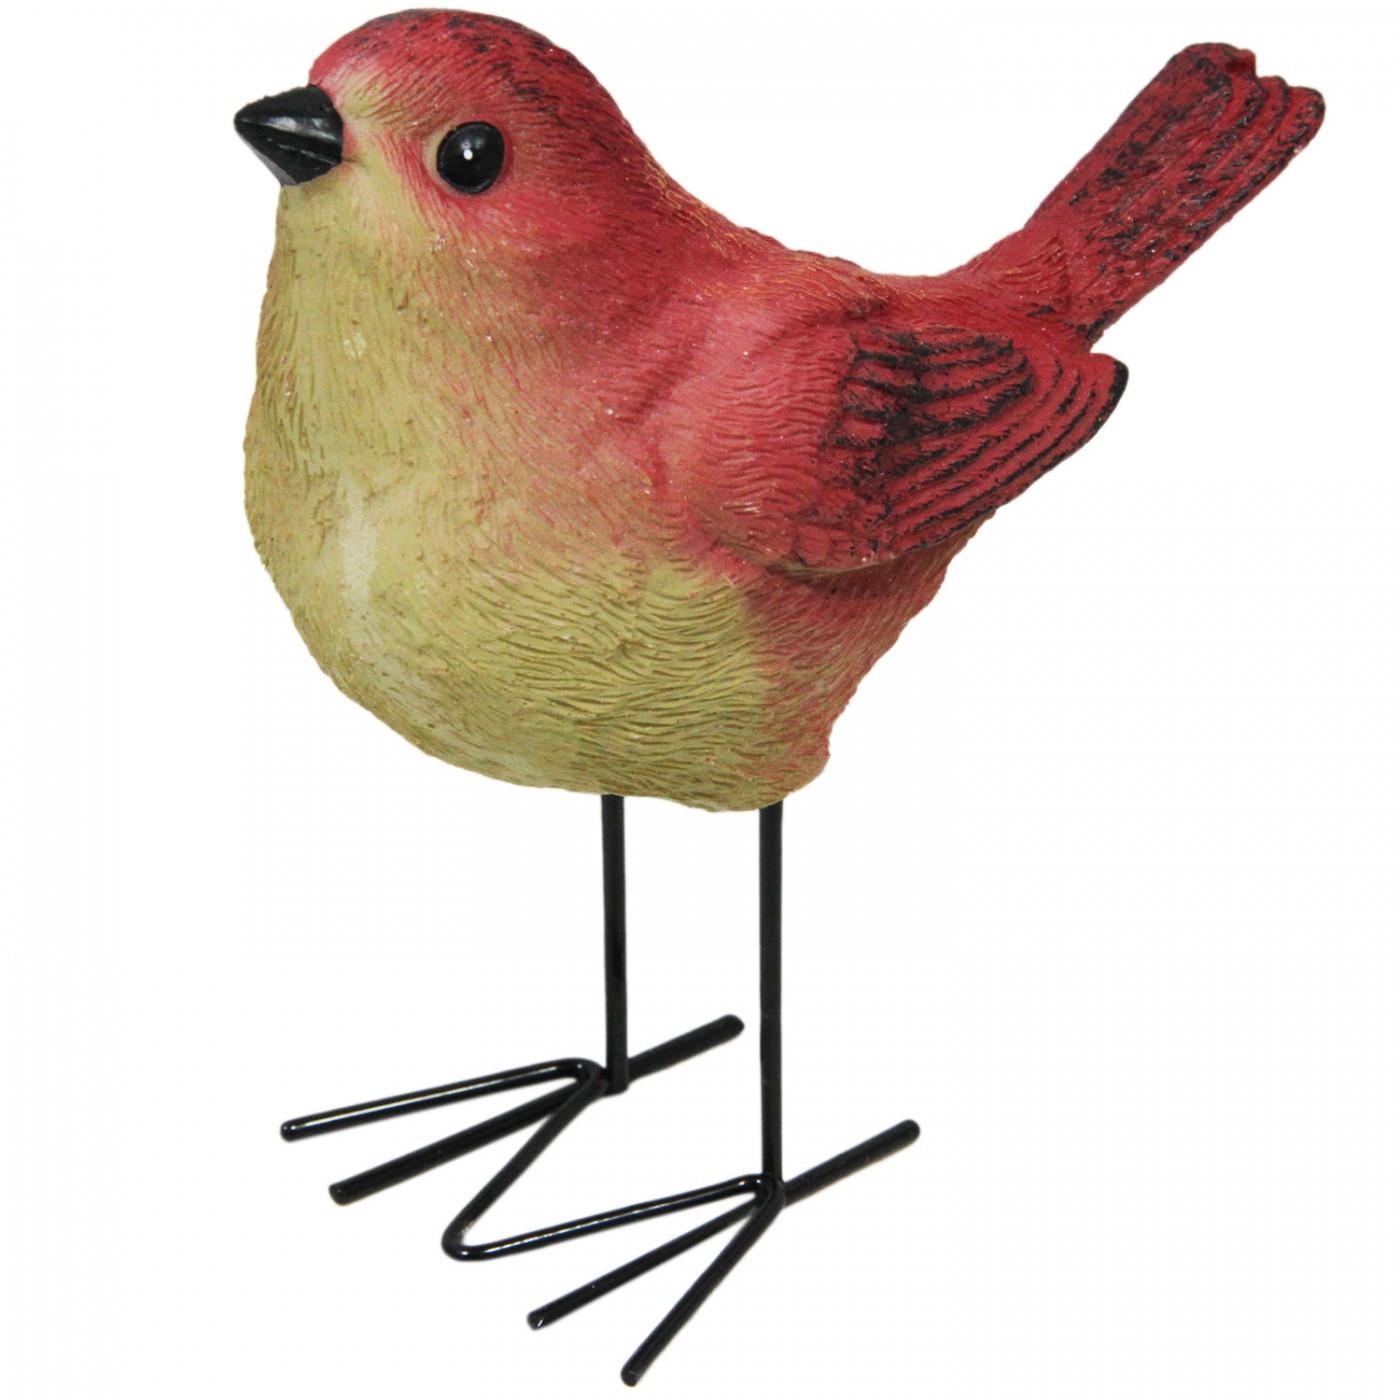 Figurka dekoracyjna ptak ptaszek jesienna mała do domu i ogrodu